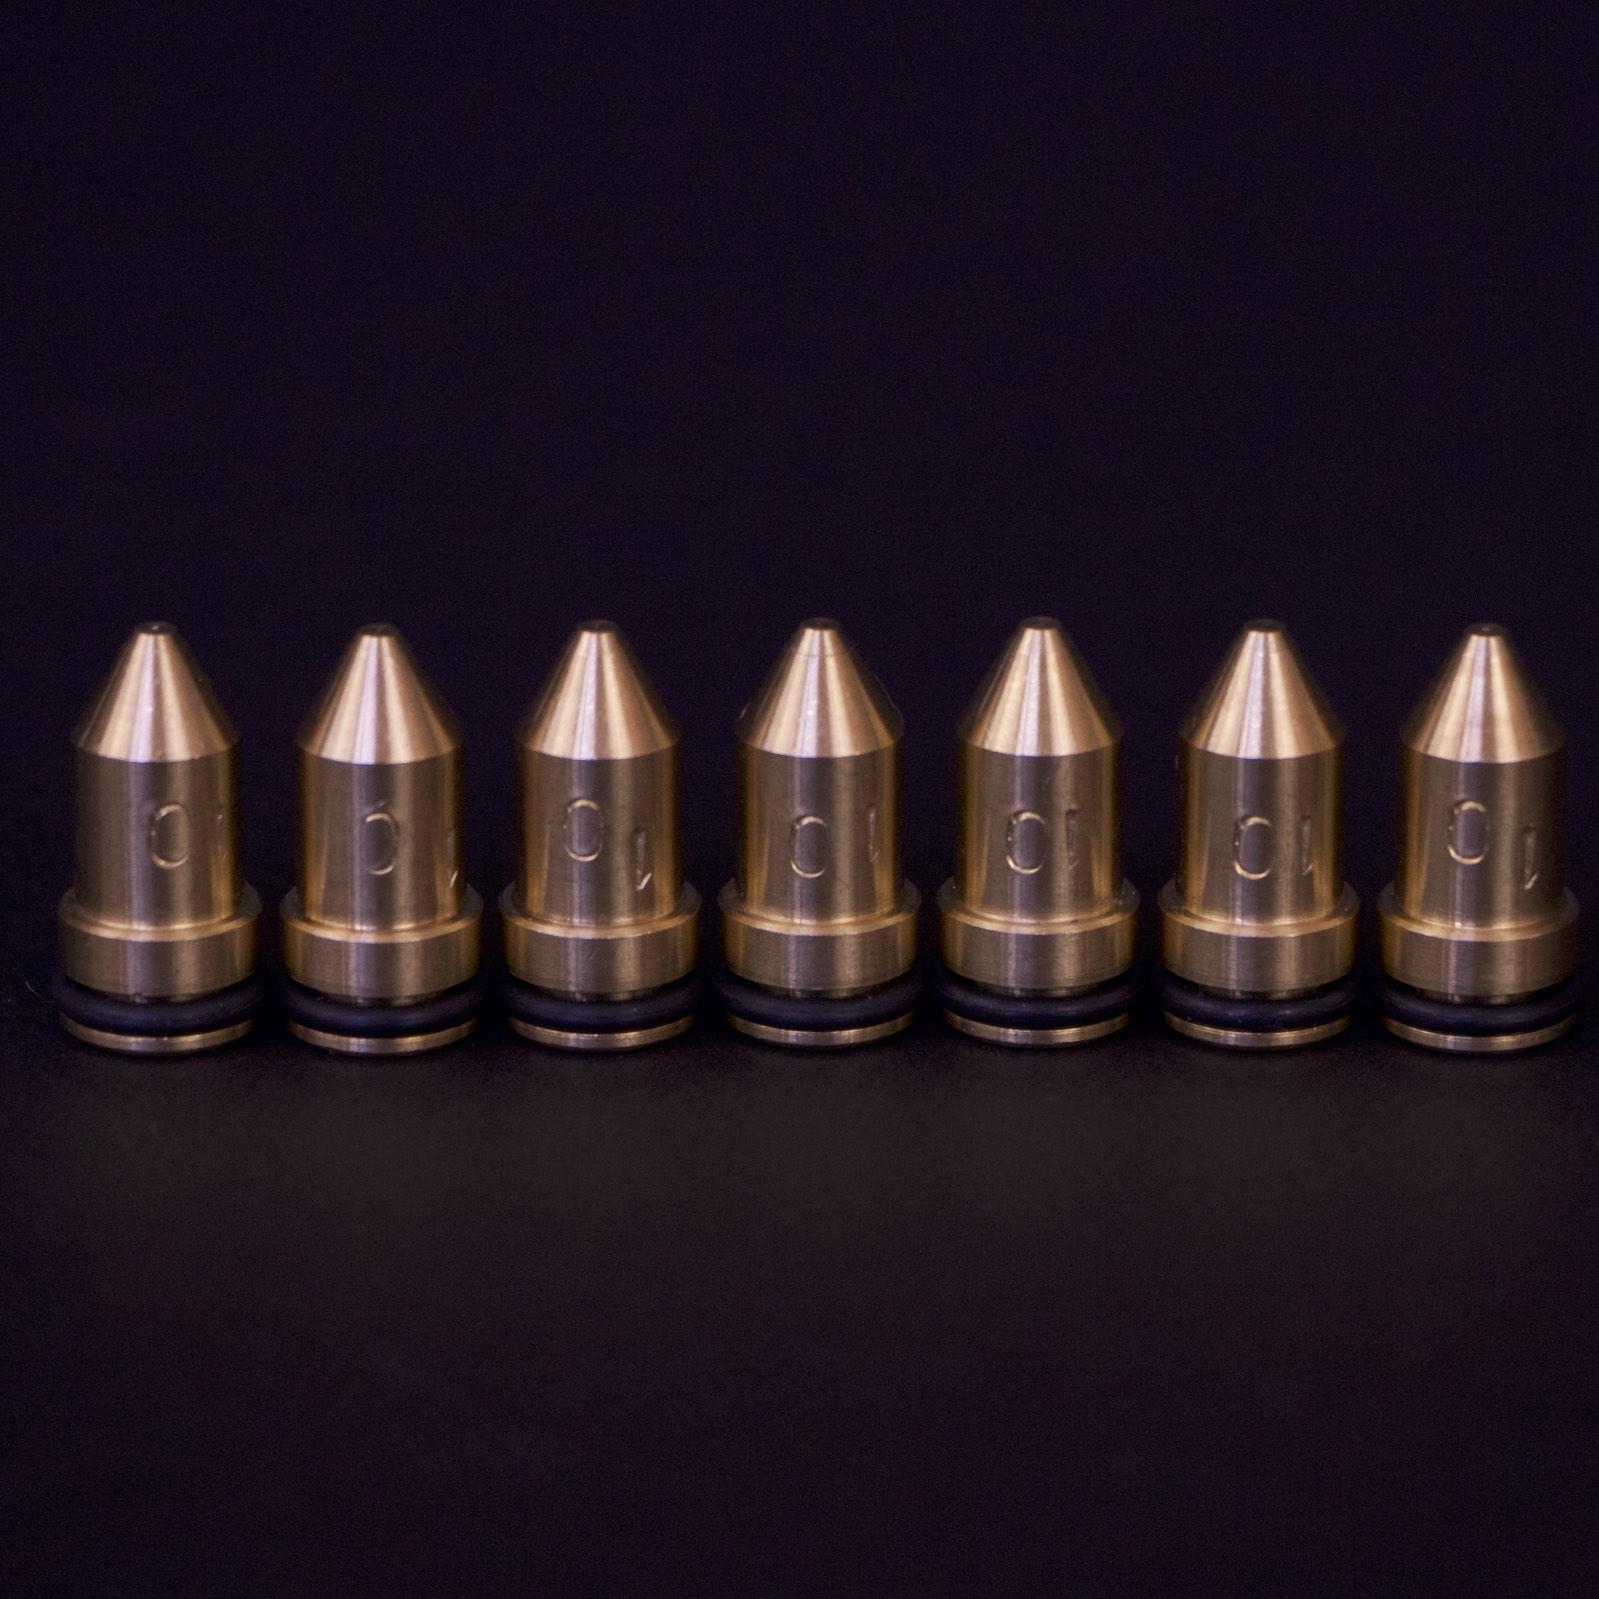 CNC brass nozzles